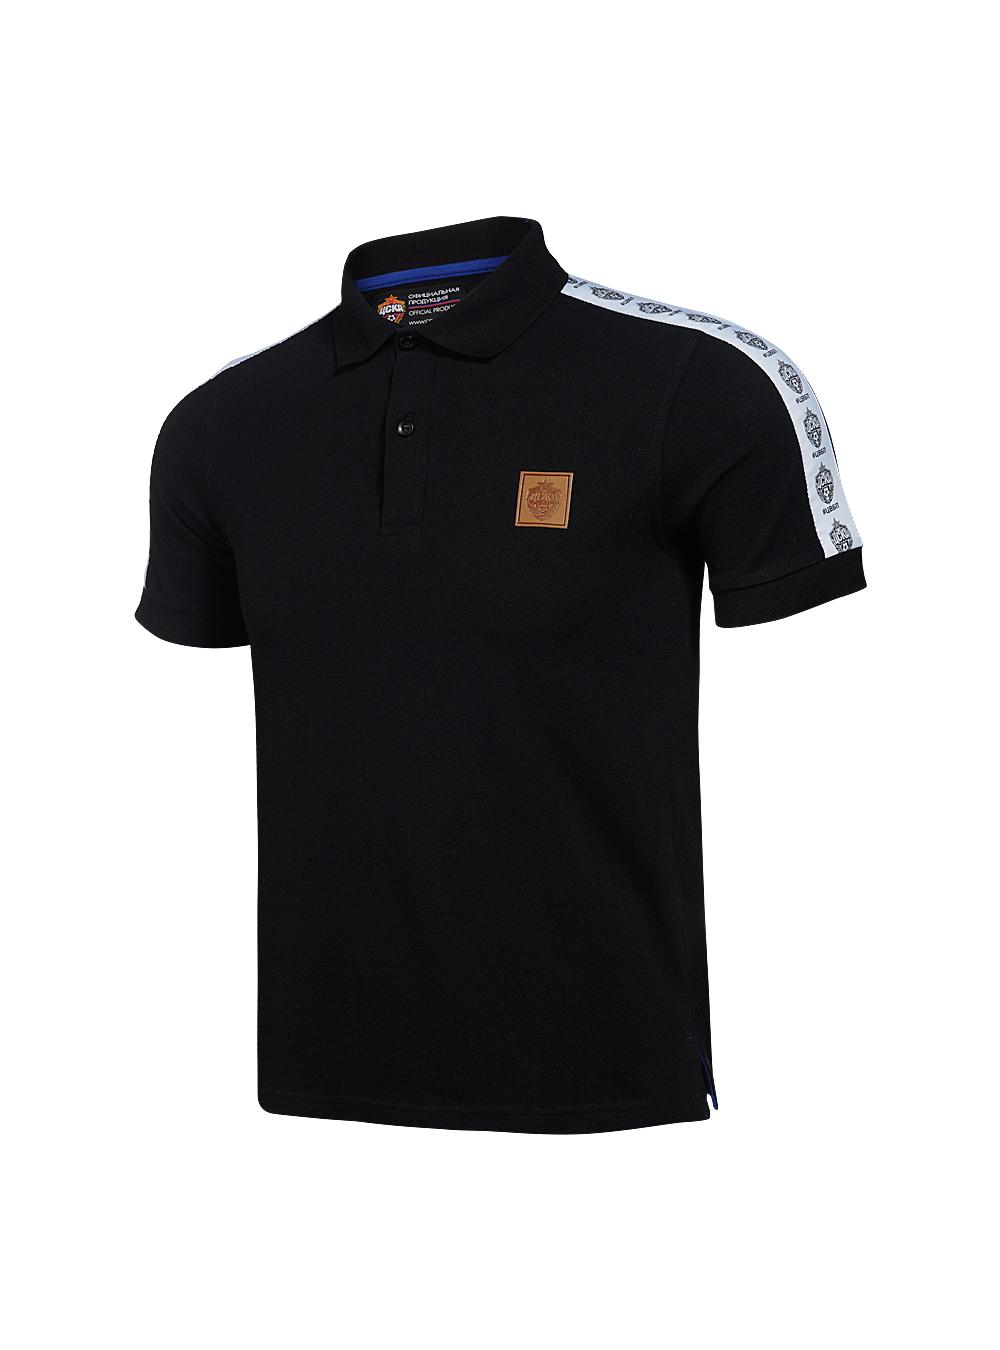 Купить Поло мужское #ЦВБП, цвет чёрный (XL) по Нижнему Новгороду